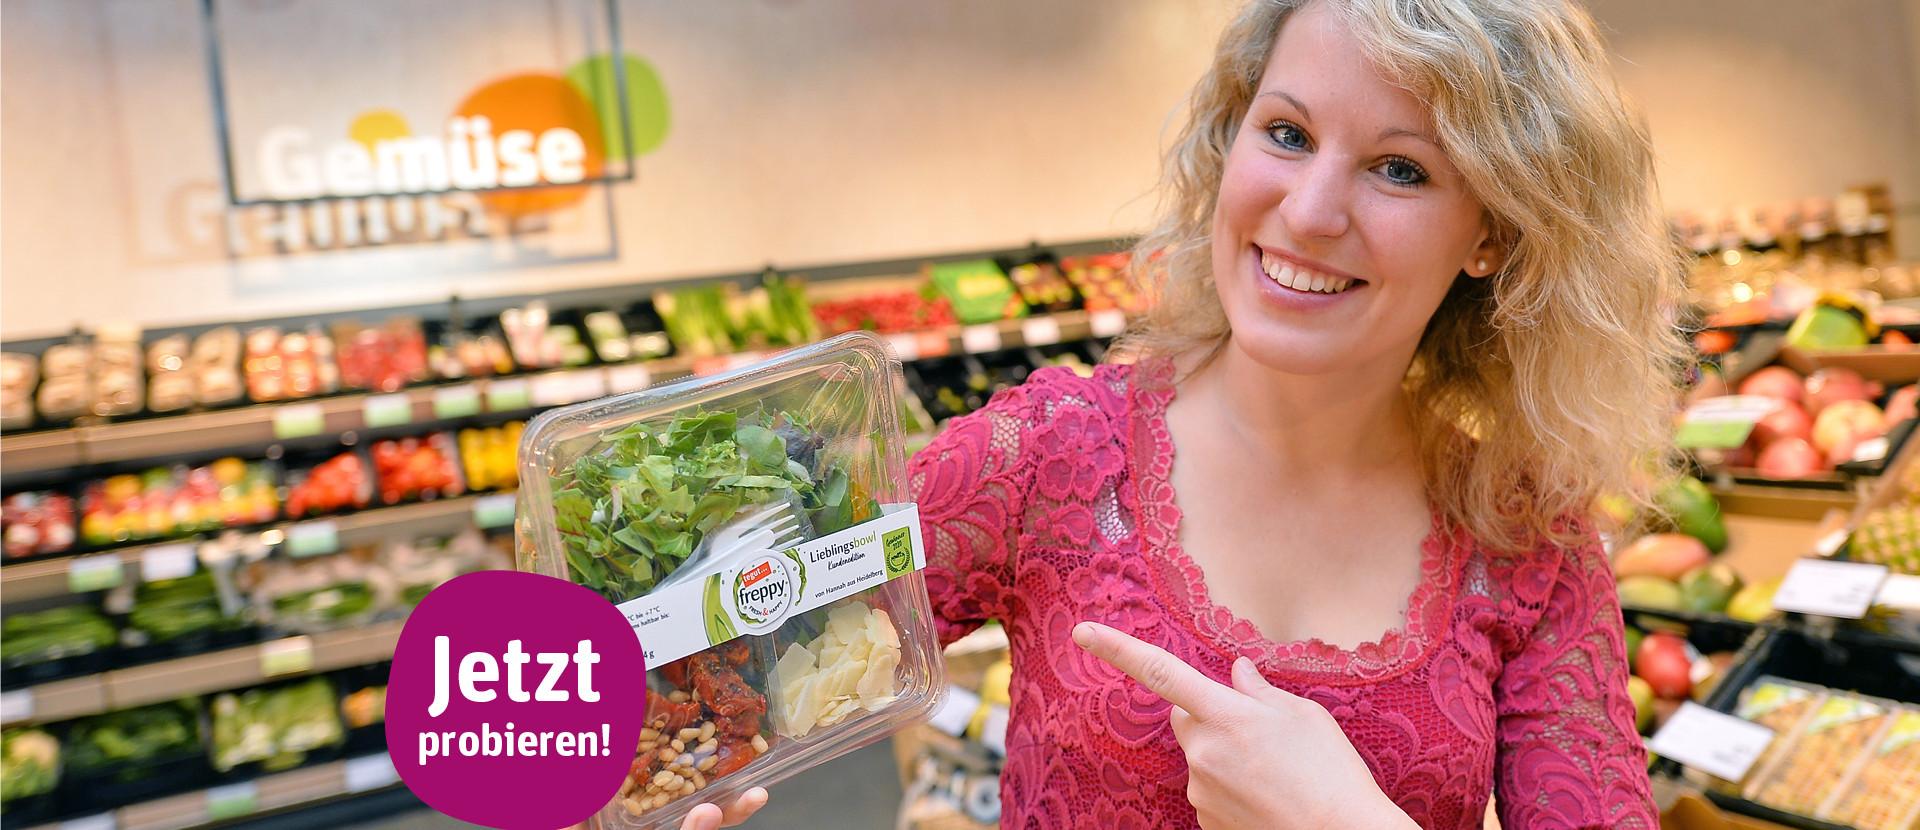 Frau steht in tegut Markt mit freppy Salat Bowl Kundenedition